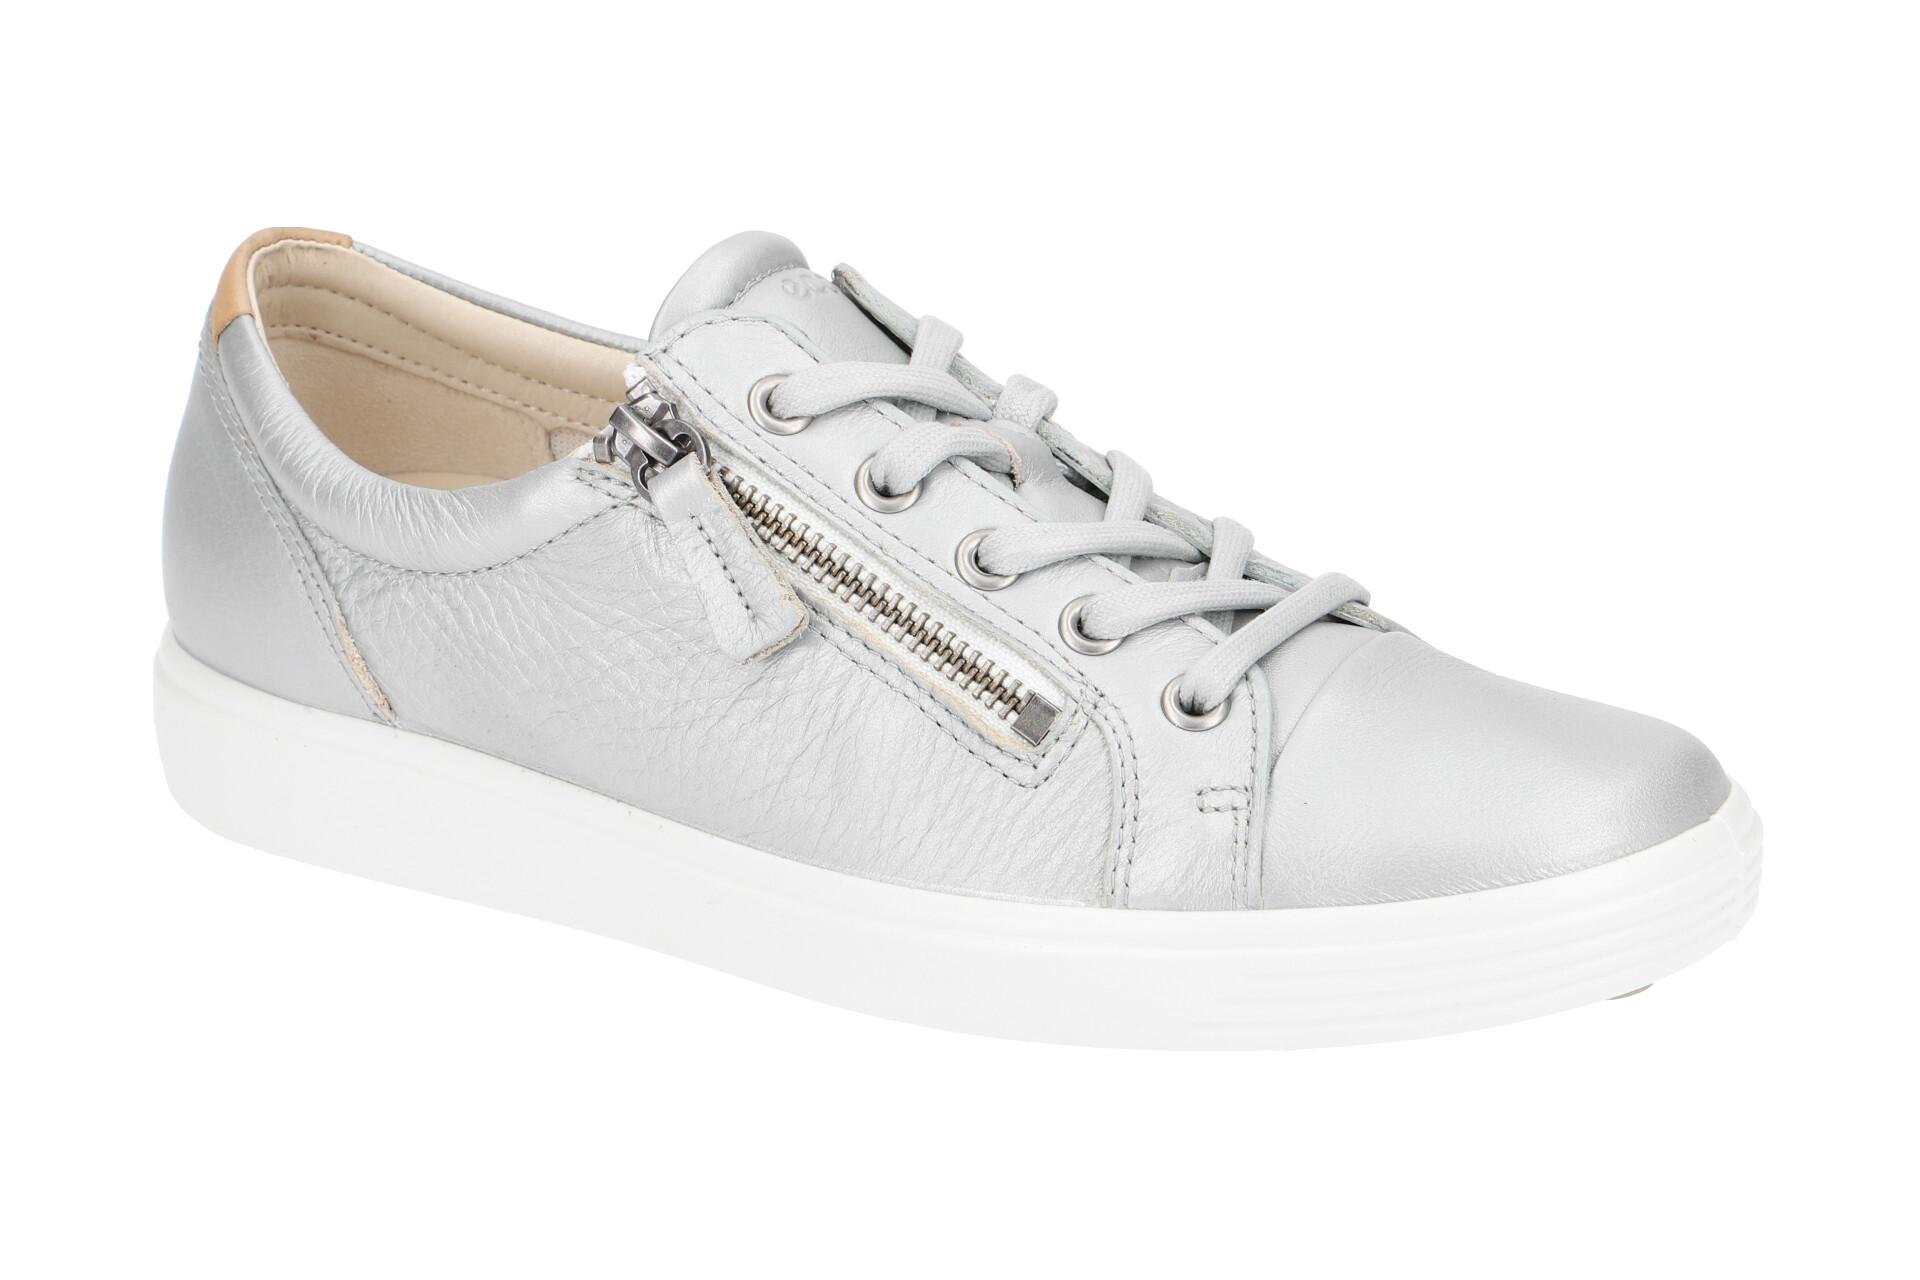 54dd8a74e83951 Ecco Soft 7 Damen Schuhe grau metallic - Schuhhaus Strauch Shop